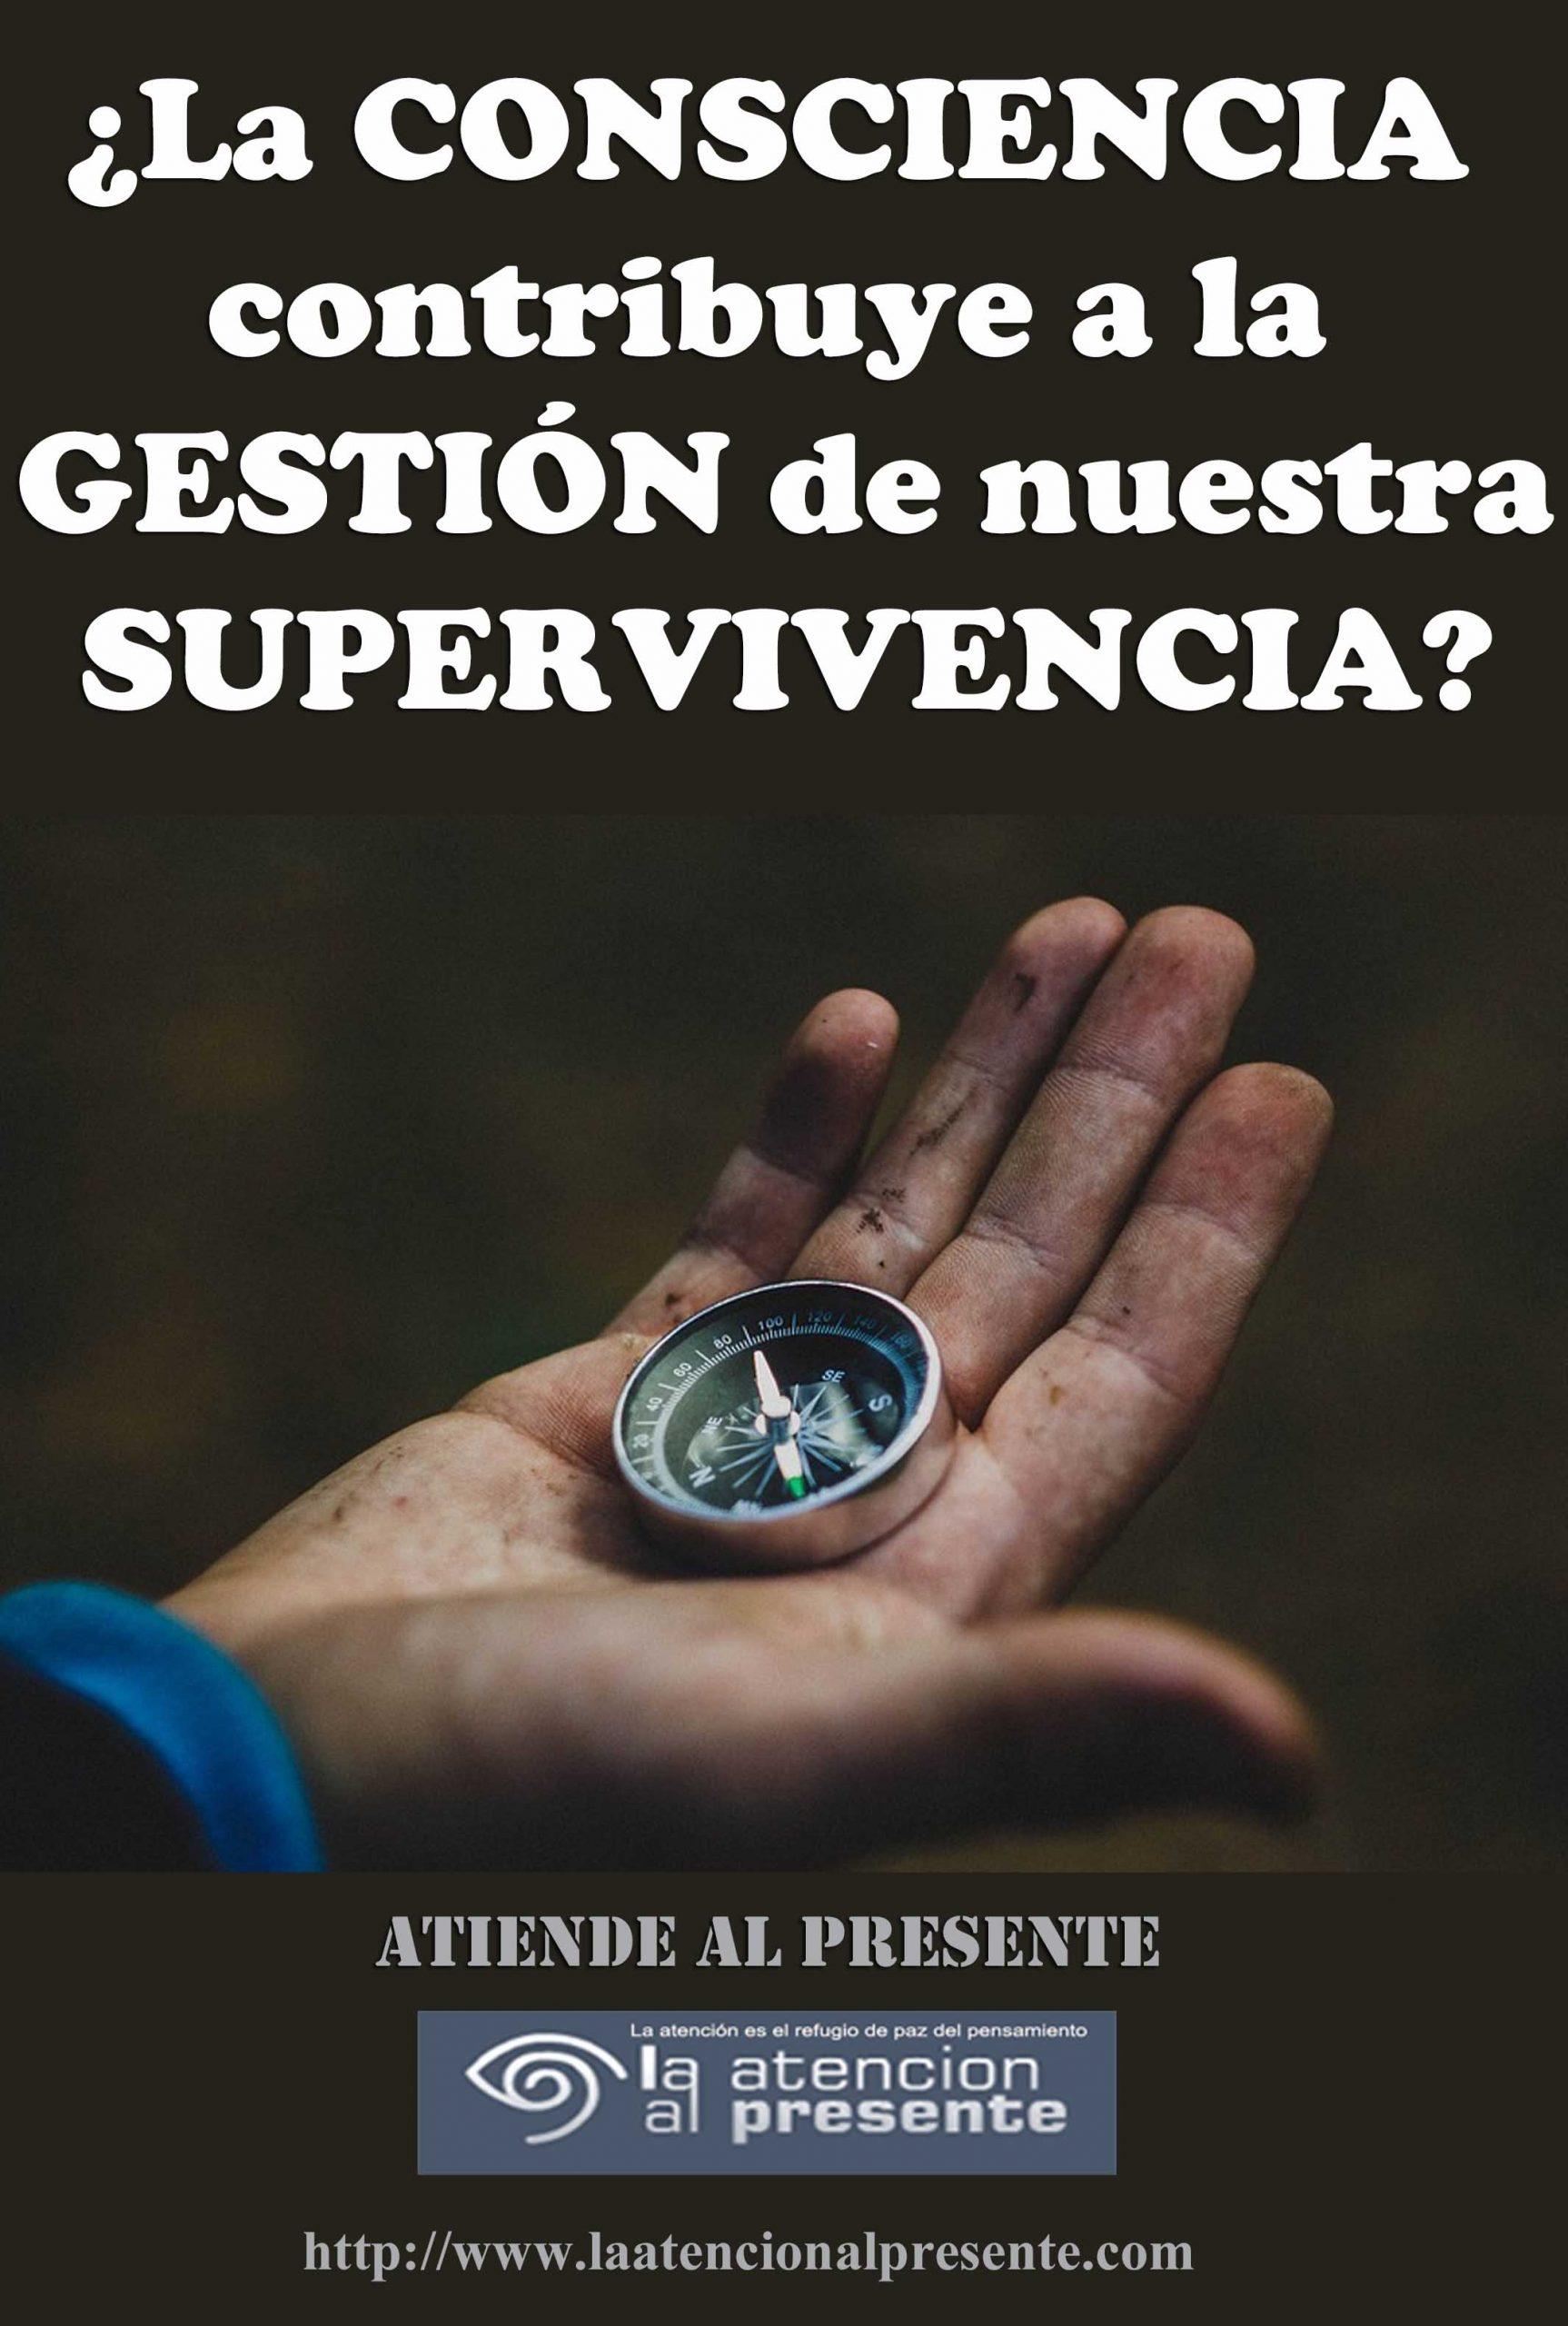 16 de junio Esteban La CONSCIENCIA contribuye a la GESTIÓN de nuestra SUPERVIVENCIA min scaled